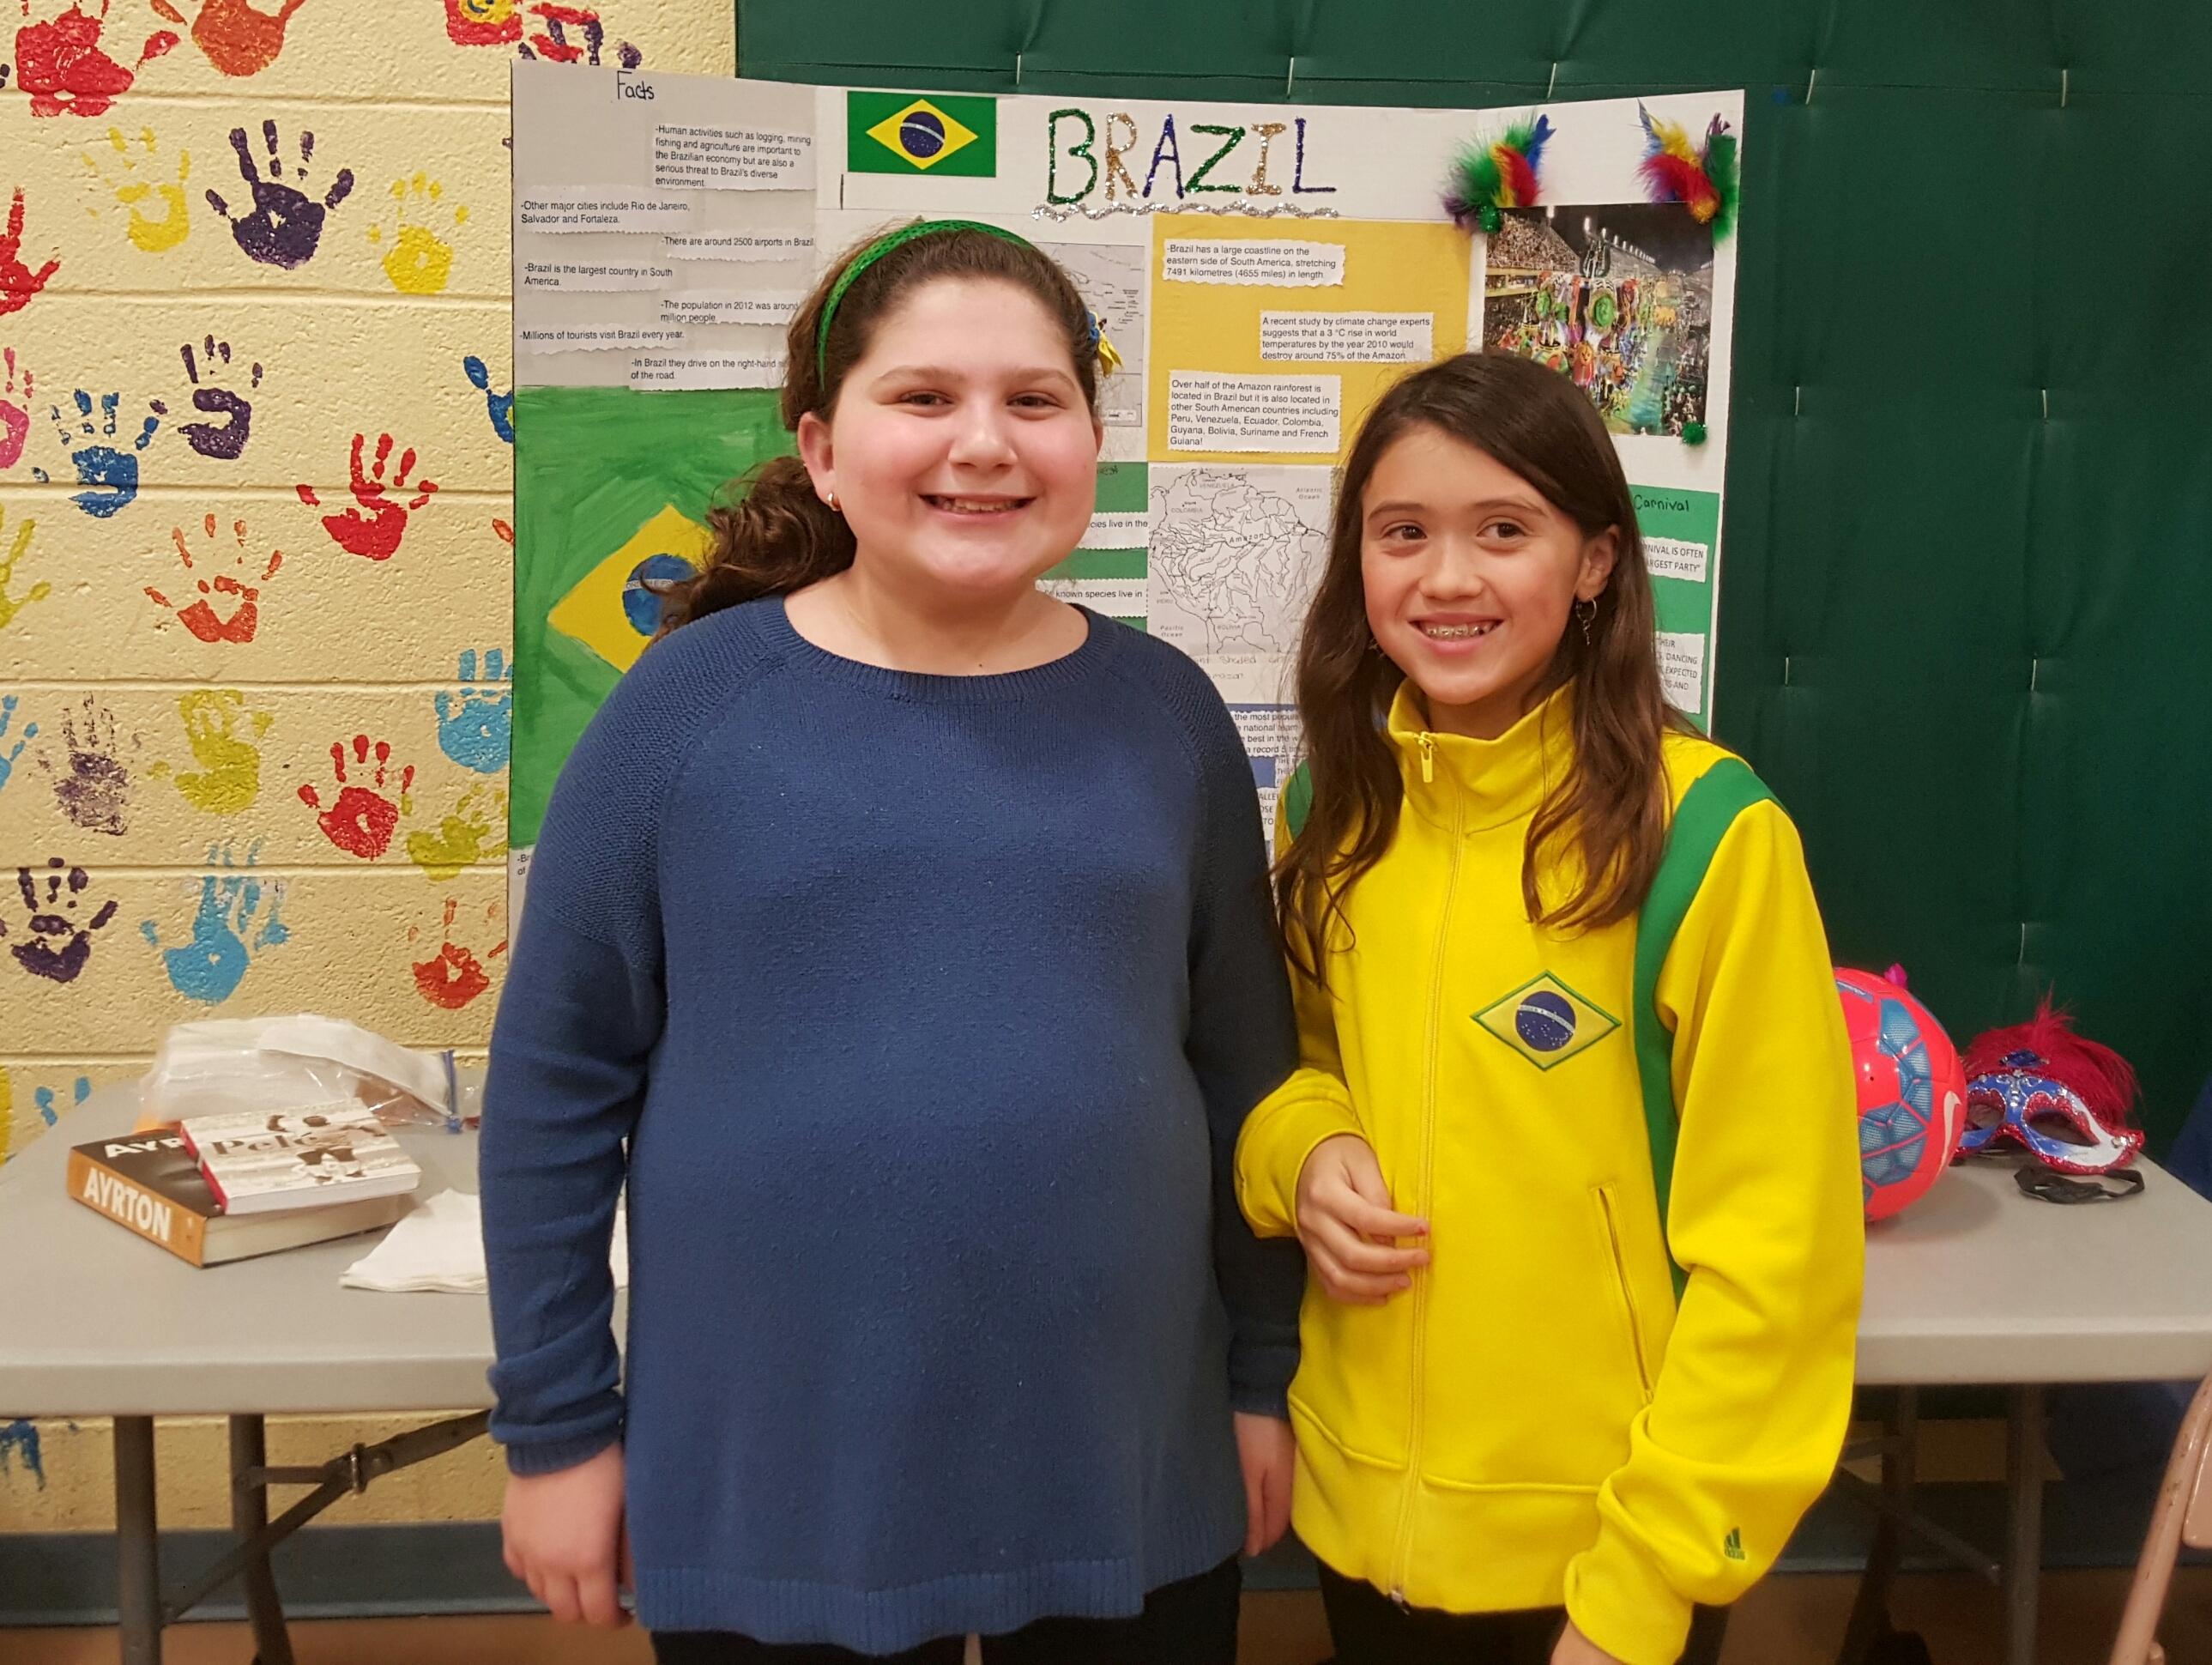 5d25b72f67c6b53c3c22_Brazil_Gina_Osborne_and_Maria_Clara_Da_Silva.jpg